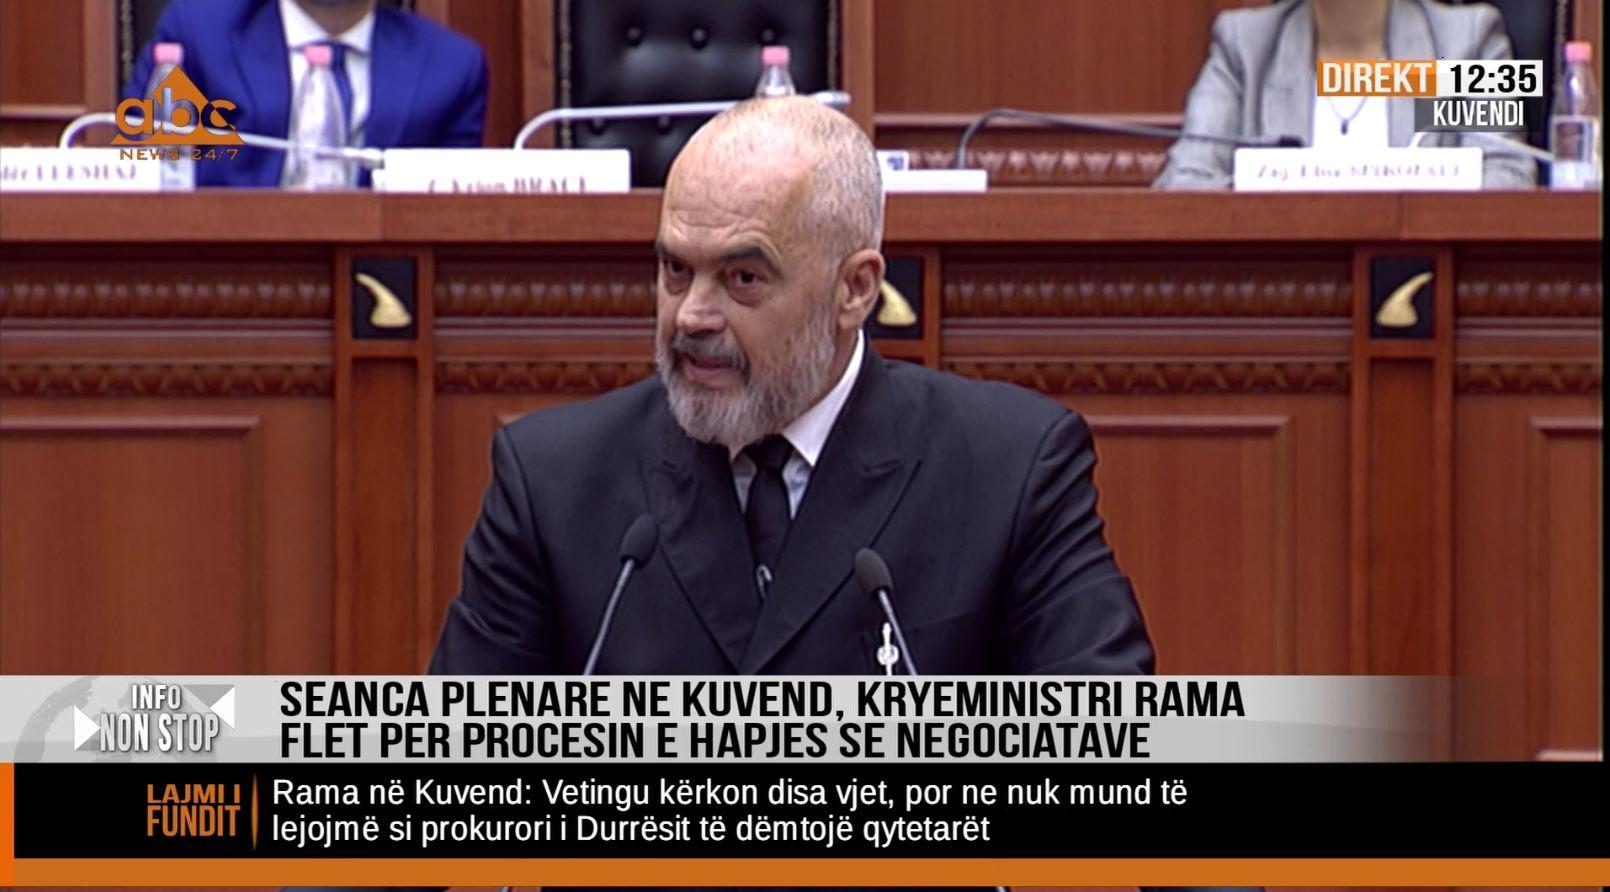 Rama akuza të forta: KÇK është grupi më i madh kriminal në Shqipëri